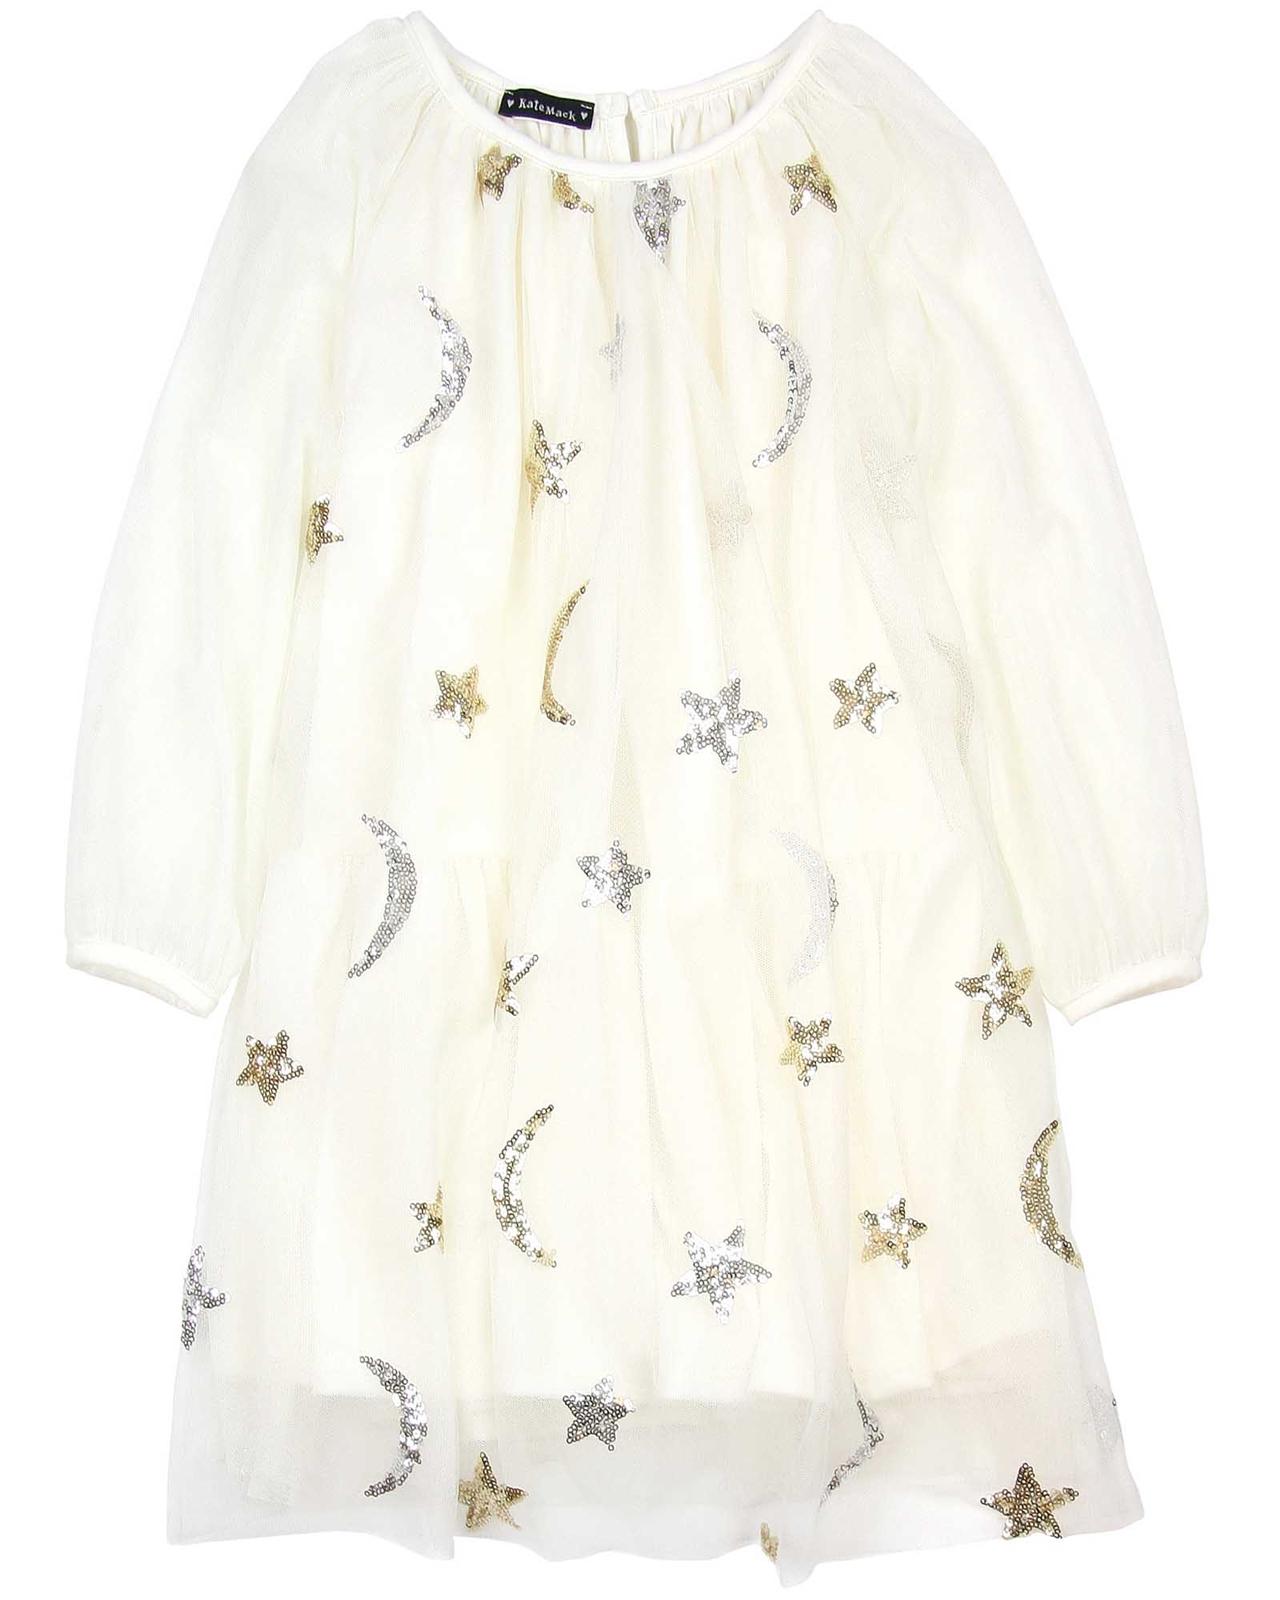 94b82344991 Kate Mack Moon and Stars Netting Dress in Ivory